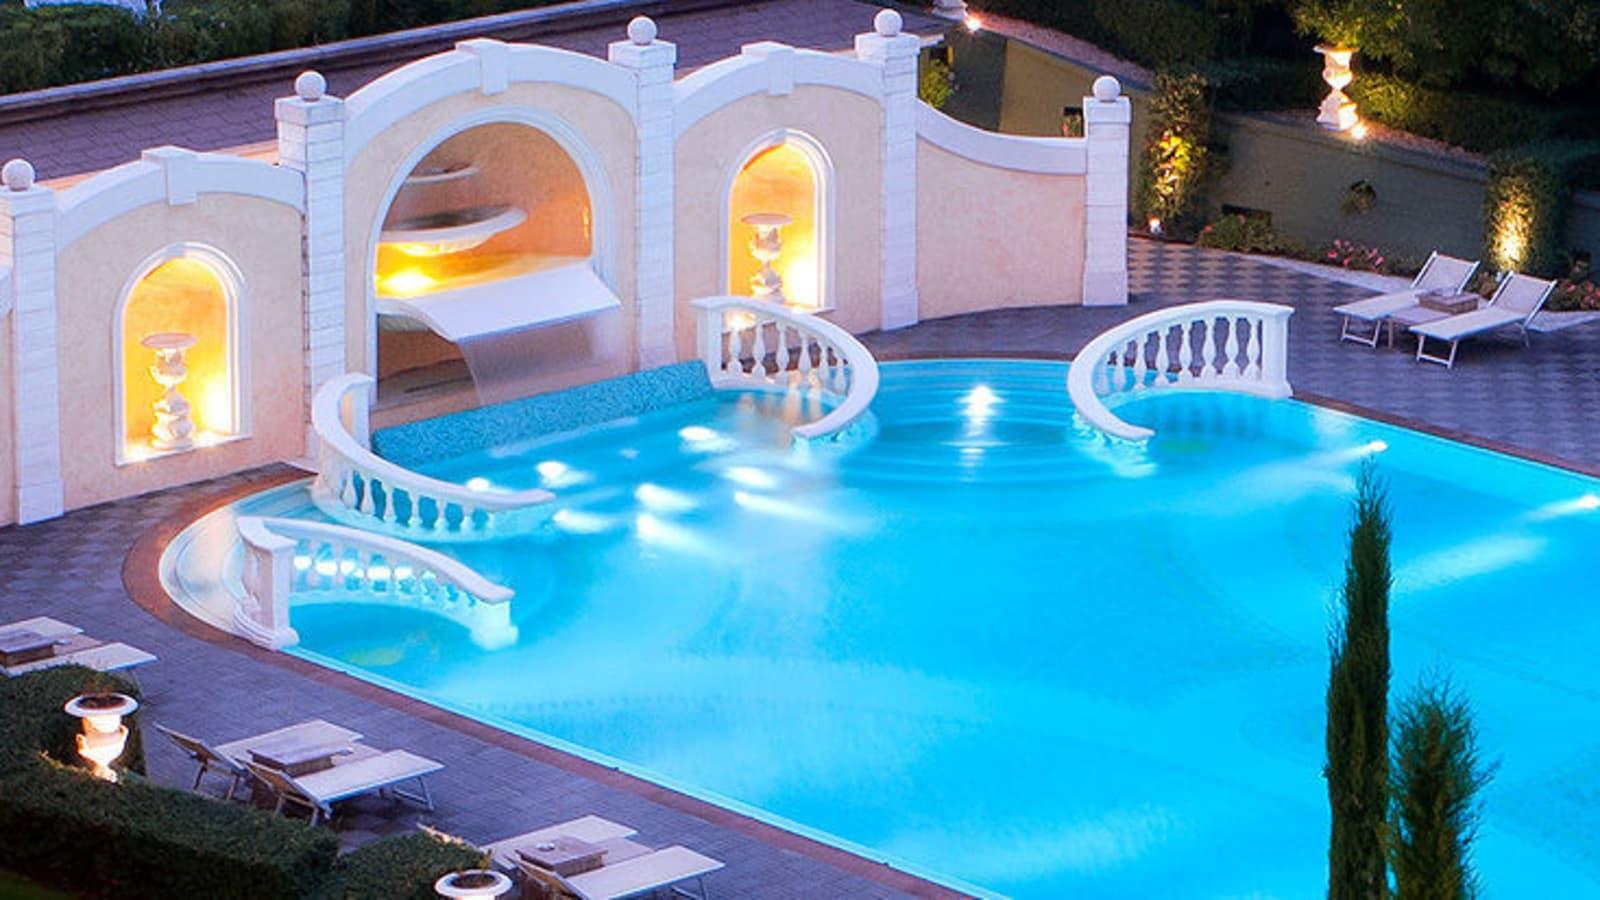 Grand hotel bristol stresa lake maggiore italy - Grand Hotel Stresa Lake Maggiore Holidays